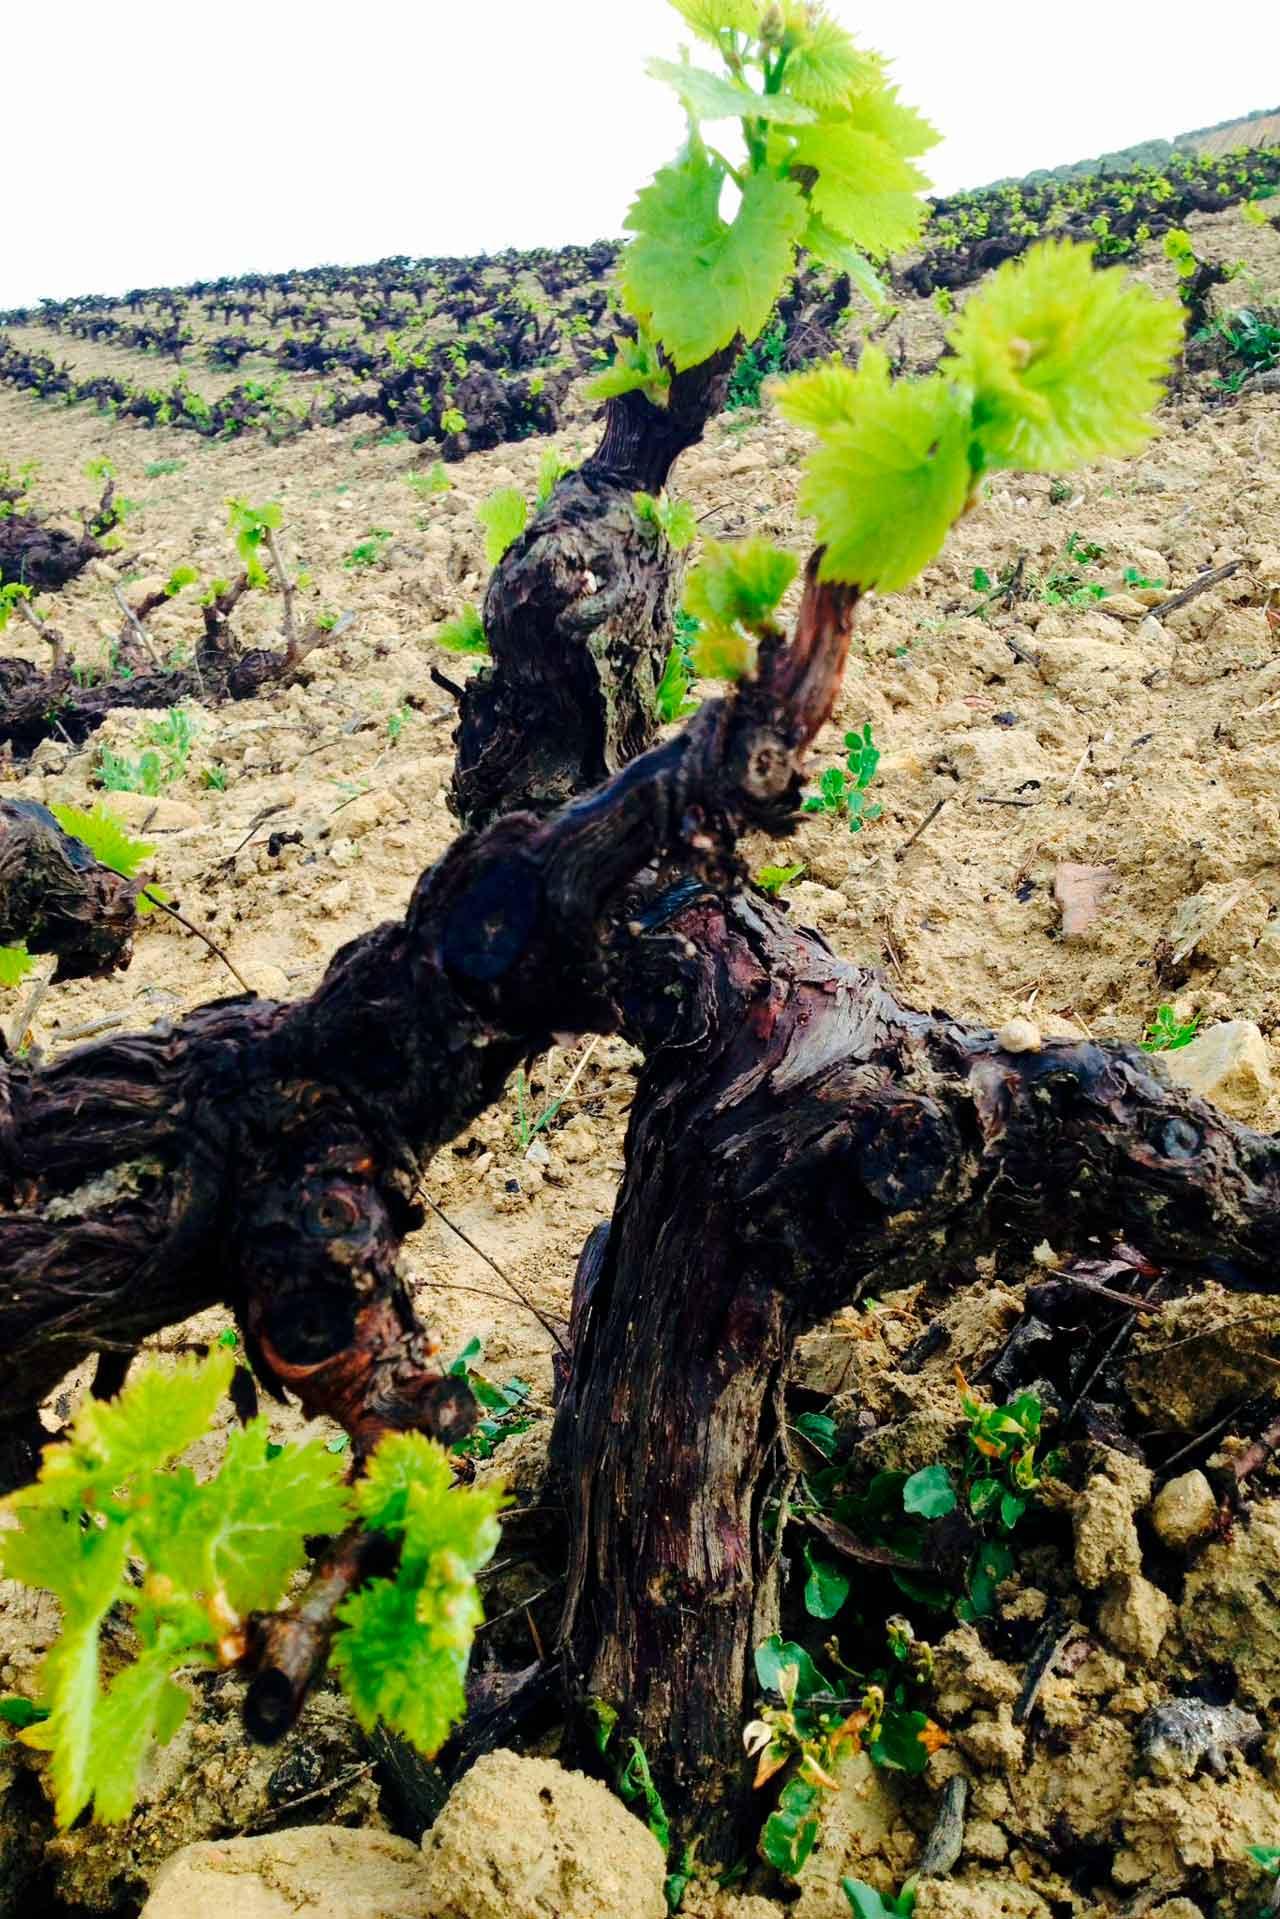 La vid y la campiña | Vineyards and countryside | La vigne et la campagne